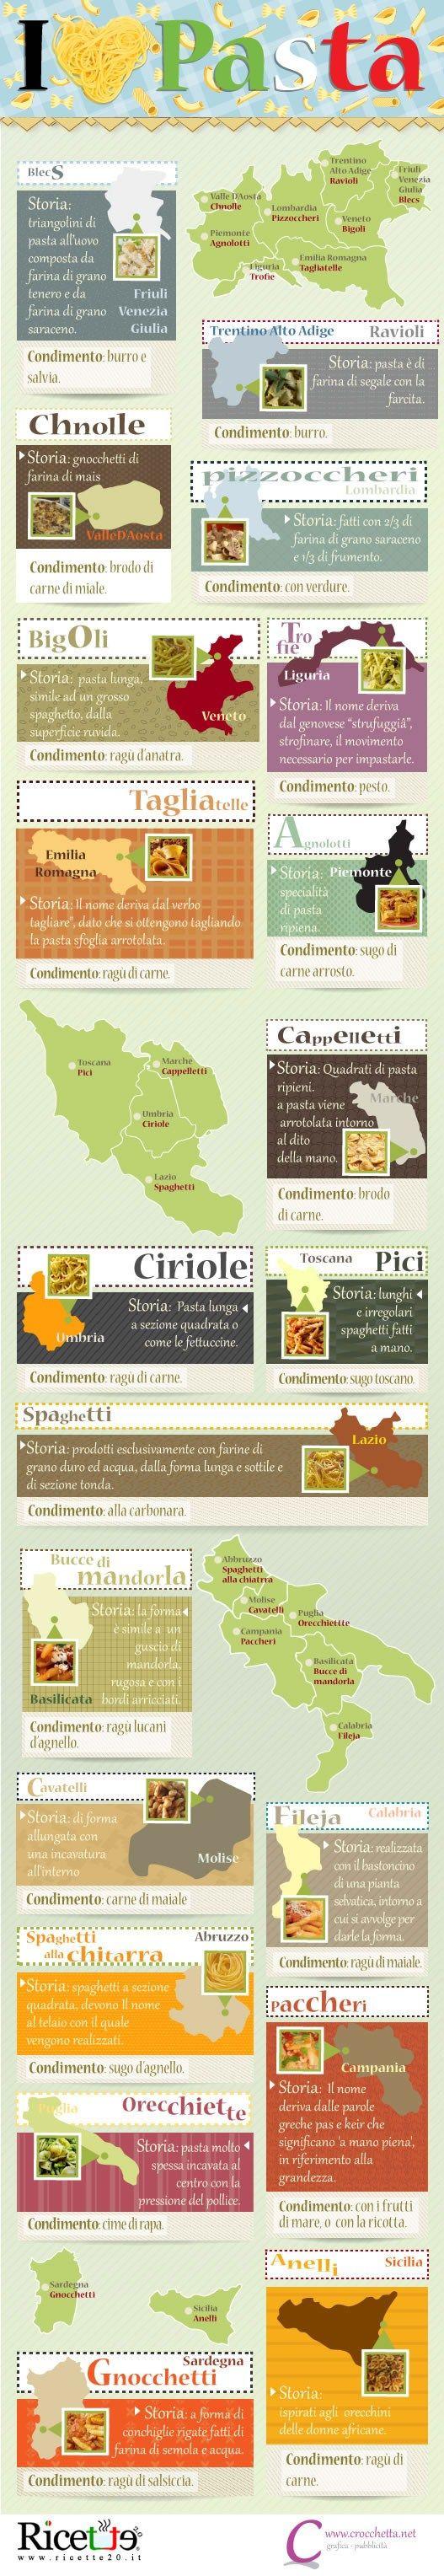 infografica-da-che-pasta-provieni